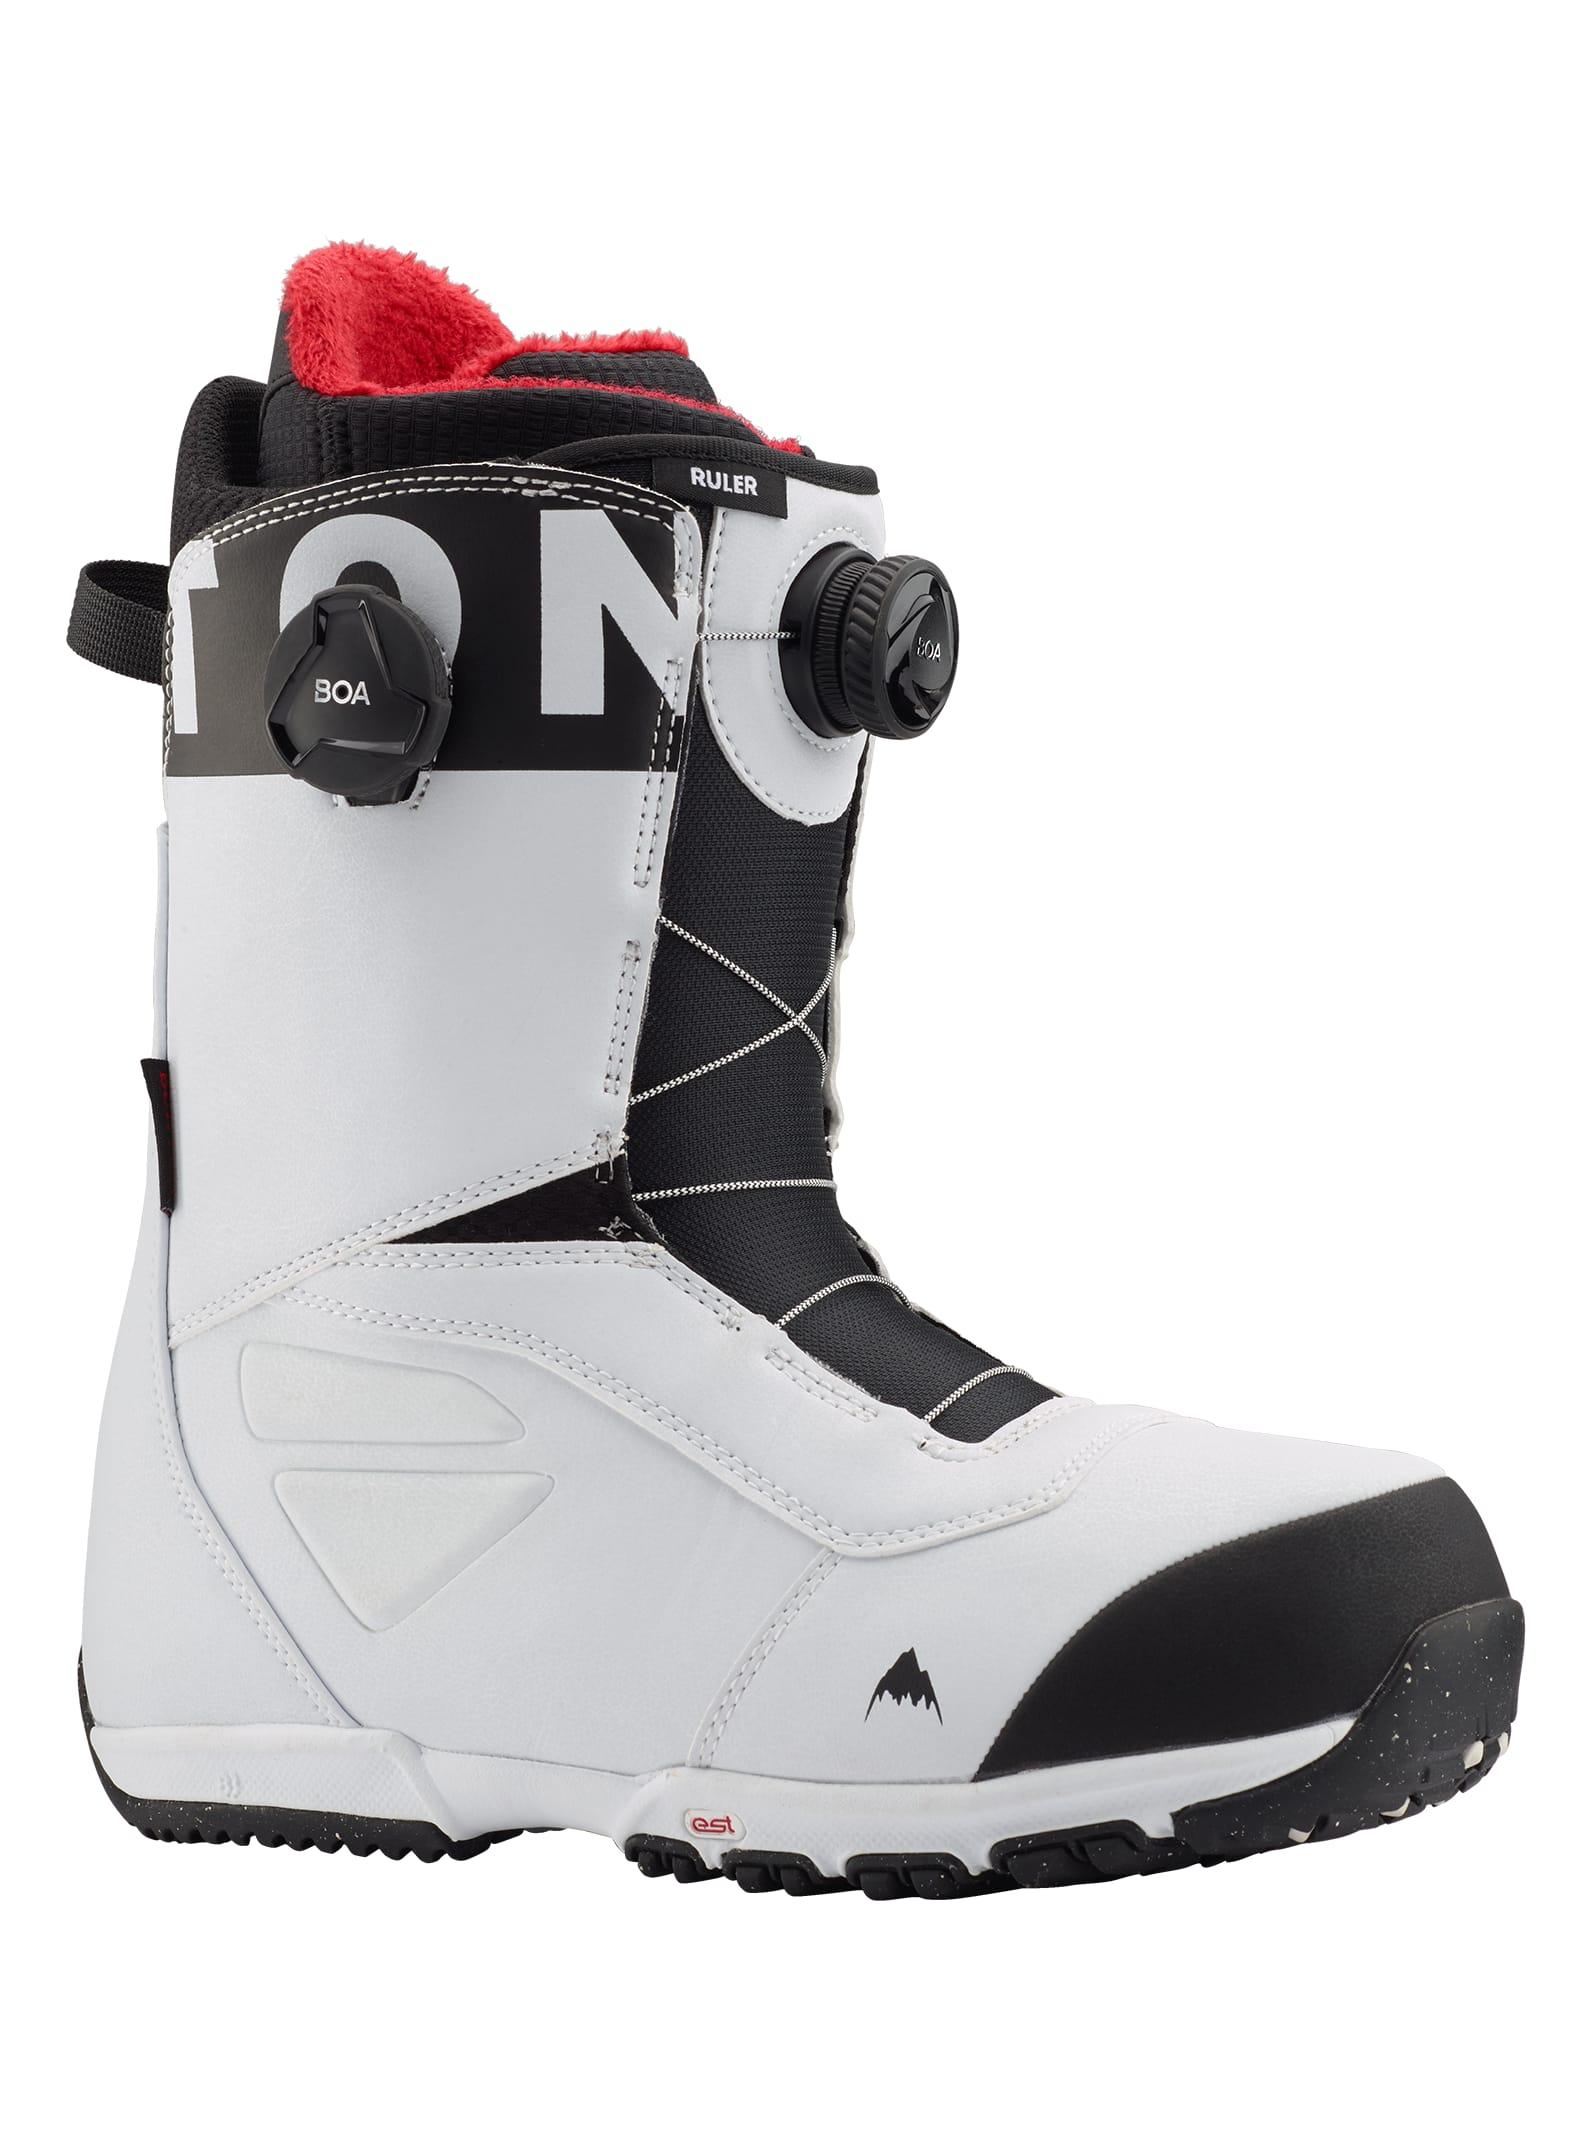 2020 Burton Ruler BOA Mens Snowboard Boots